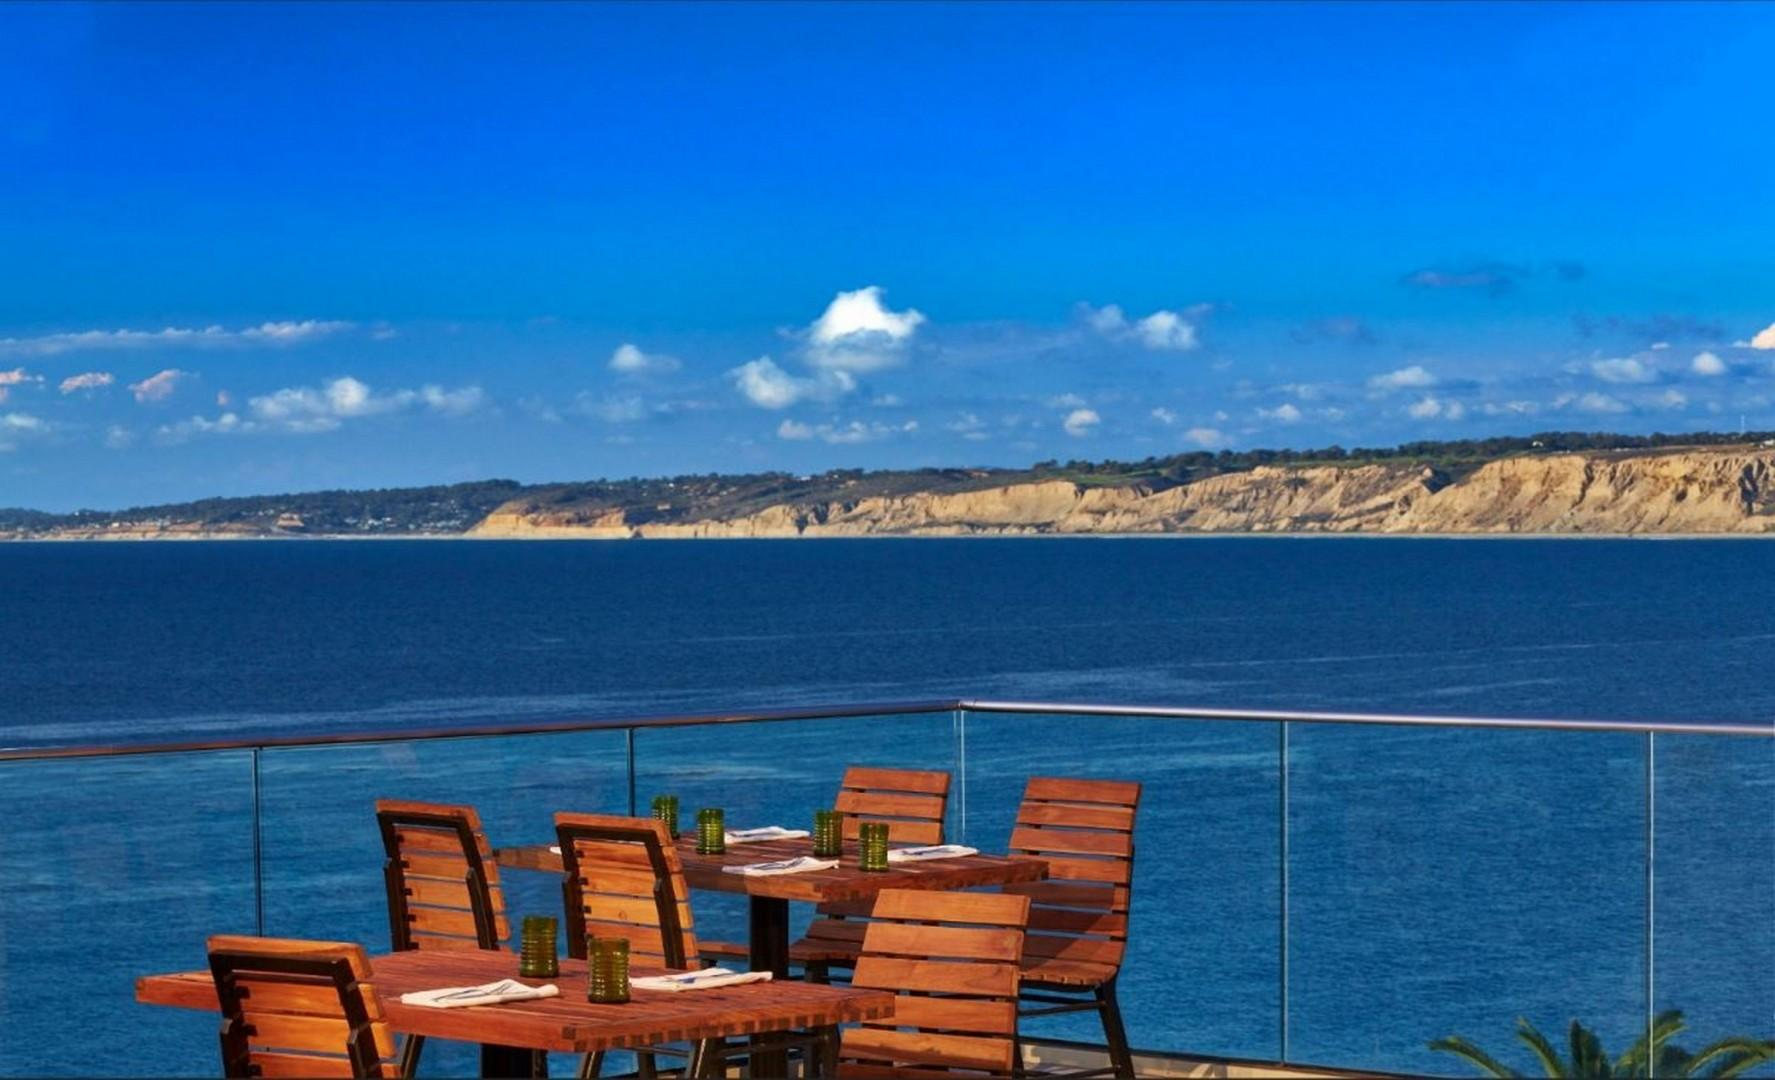 Ocean view dining is popular in La Jolla